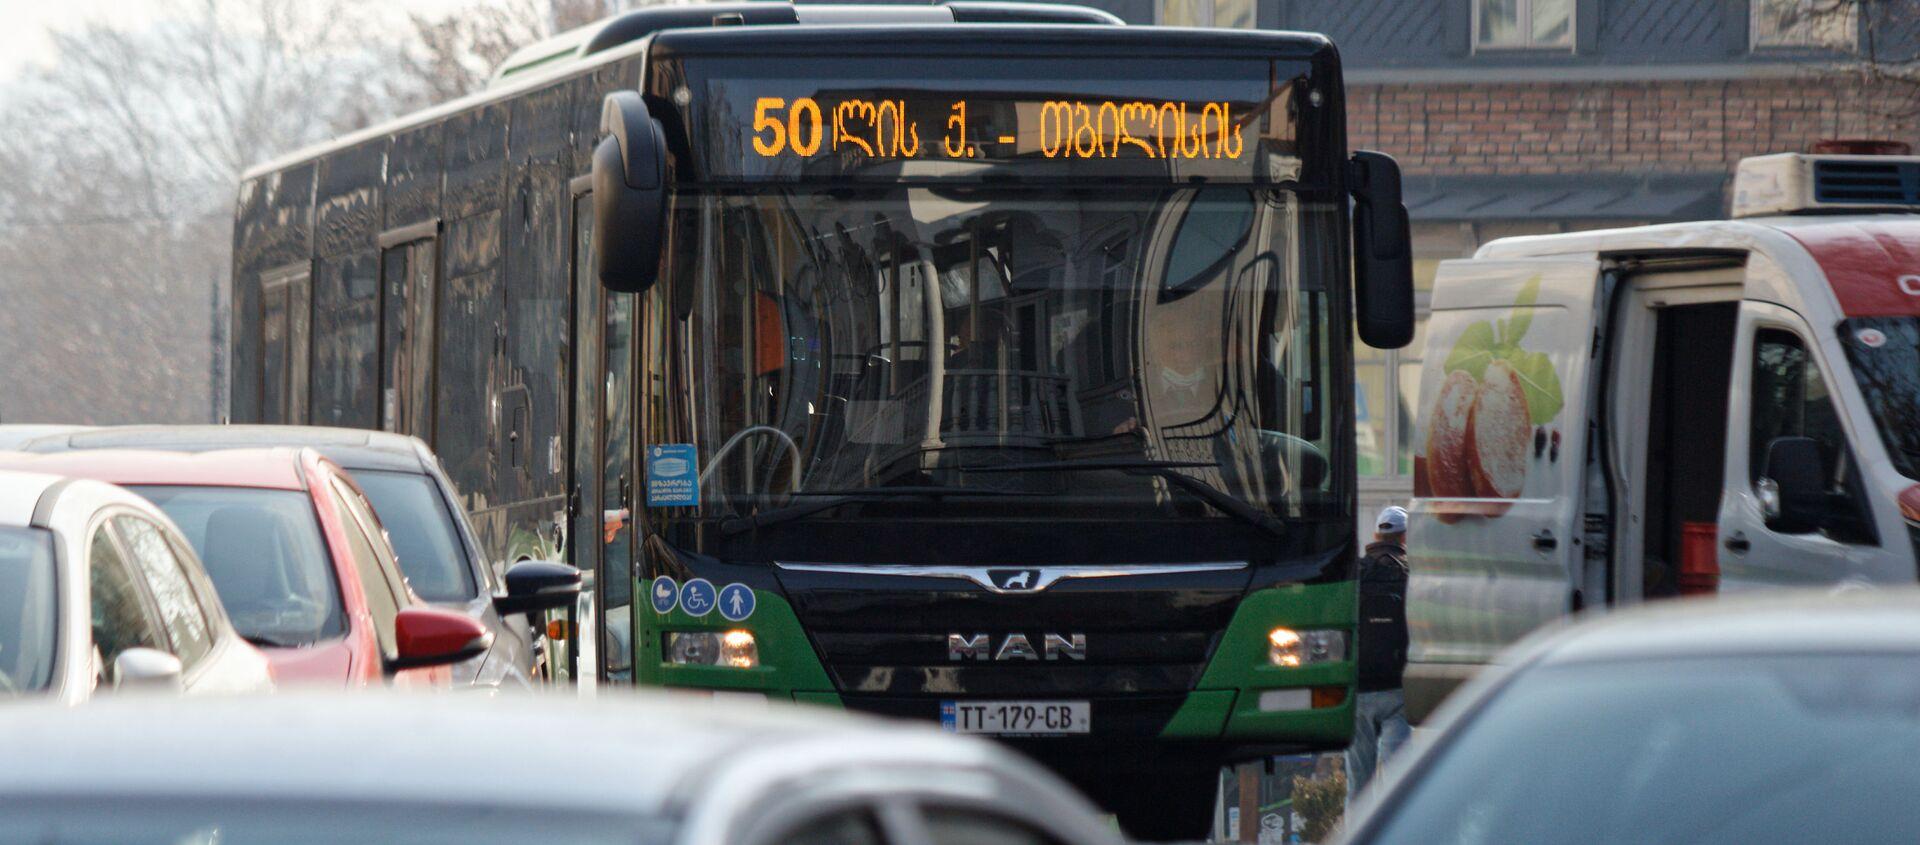 Пассажирские автобусы MAN - городской общественный транспорт - Sputnik Грузия, 1920, 26.04.2021